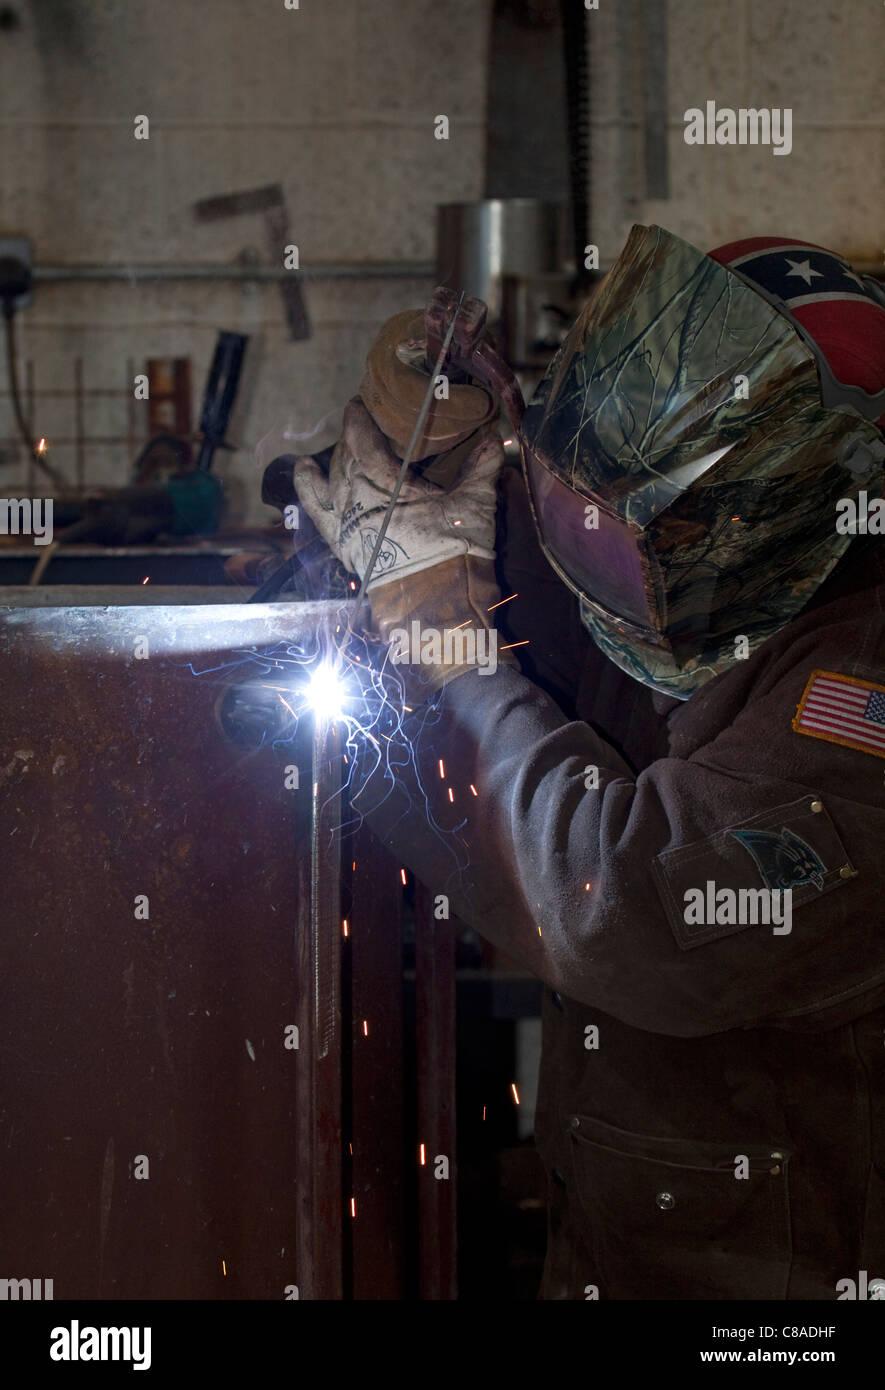 arc welder - Stock Image